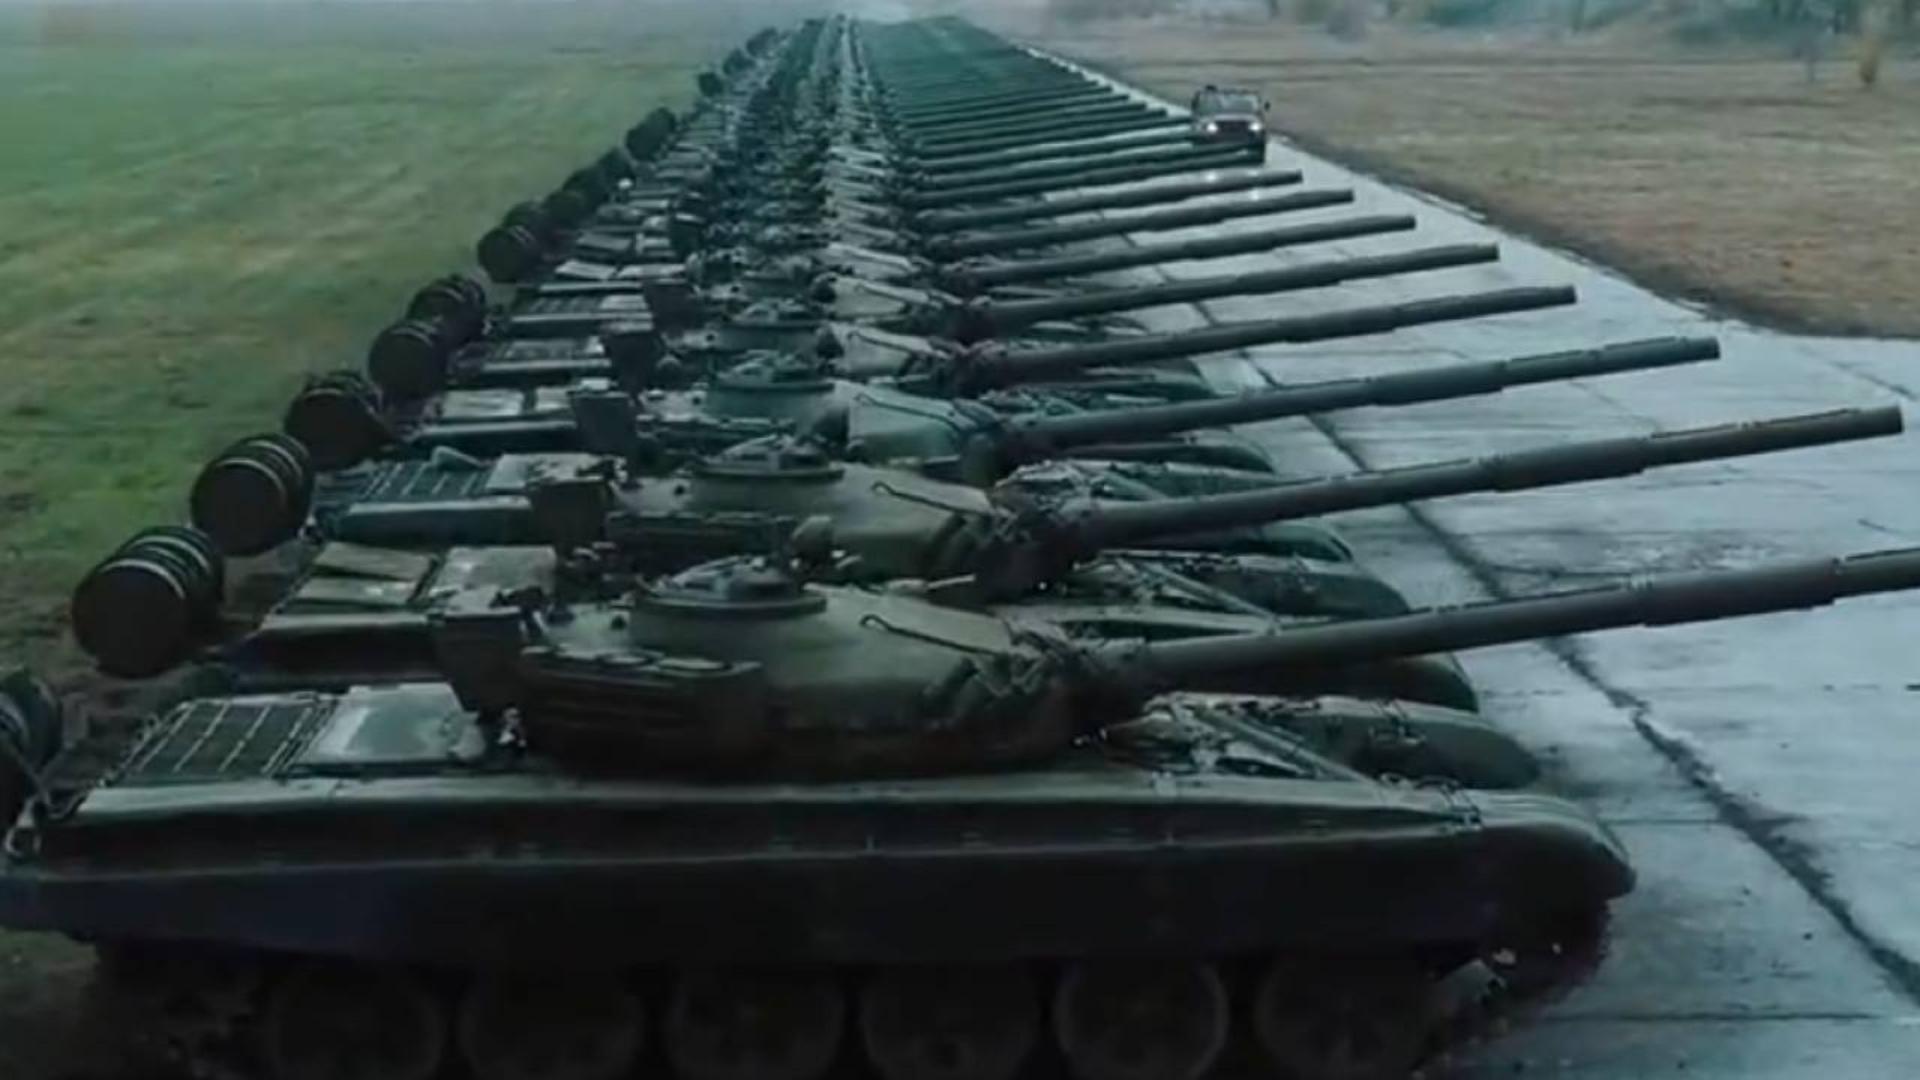 坦克整船卖!国防部长成军火贩,俄罗斯当年武器走私有多严重